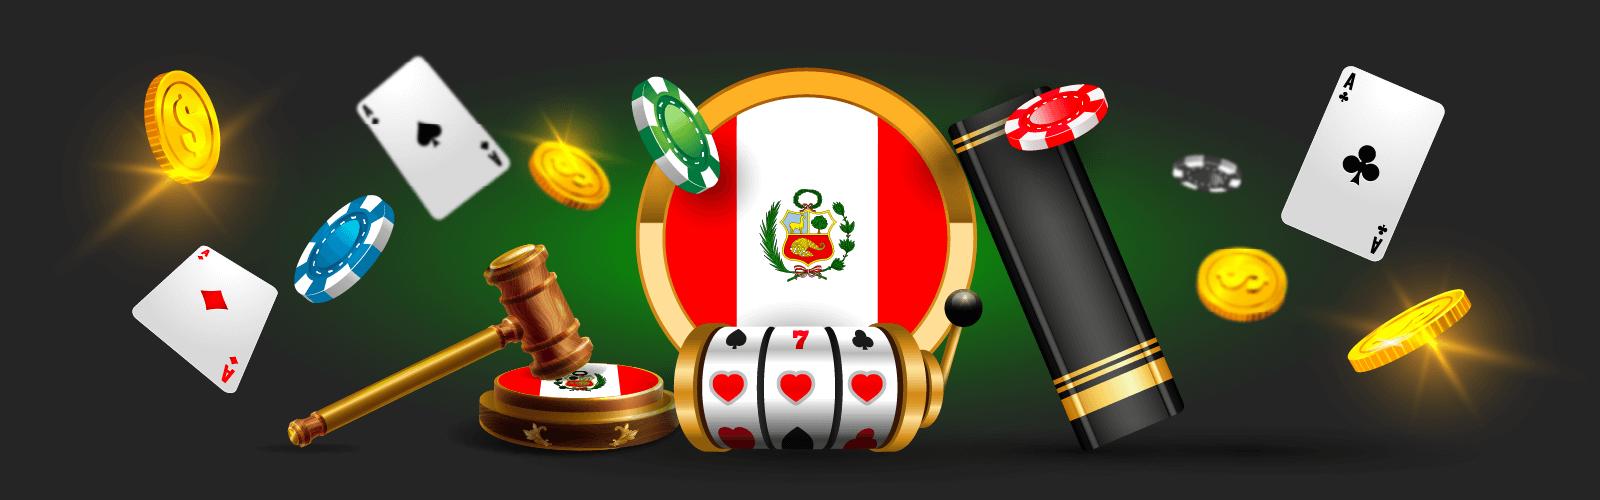 Leyes del juego online en Perú